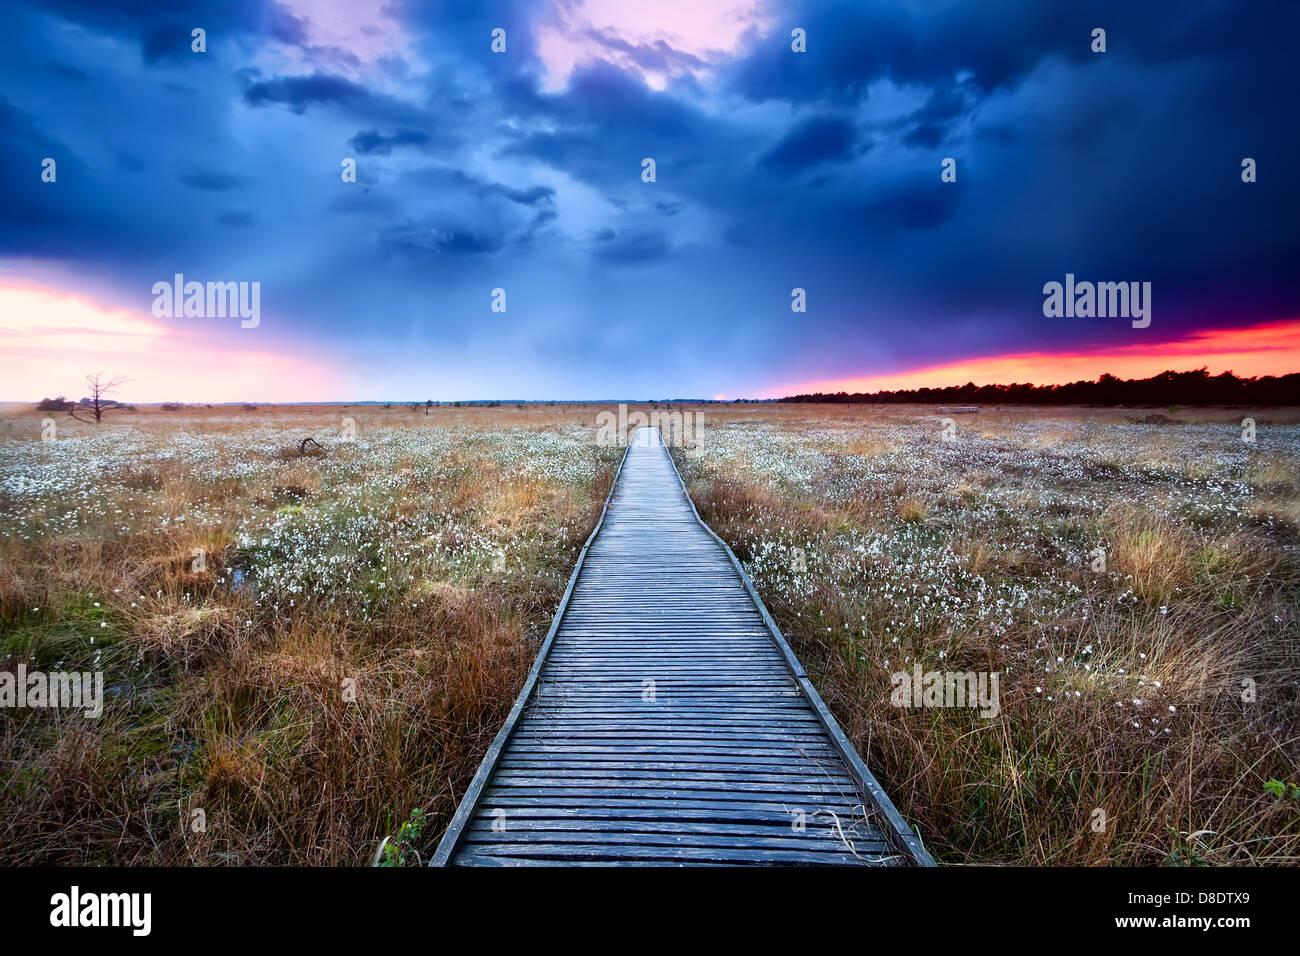 Ruta de madera con flores de pantano cottograss al atardecer Imagen De Stock